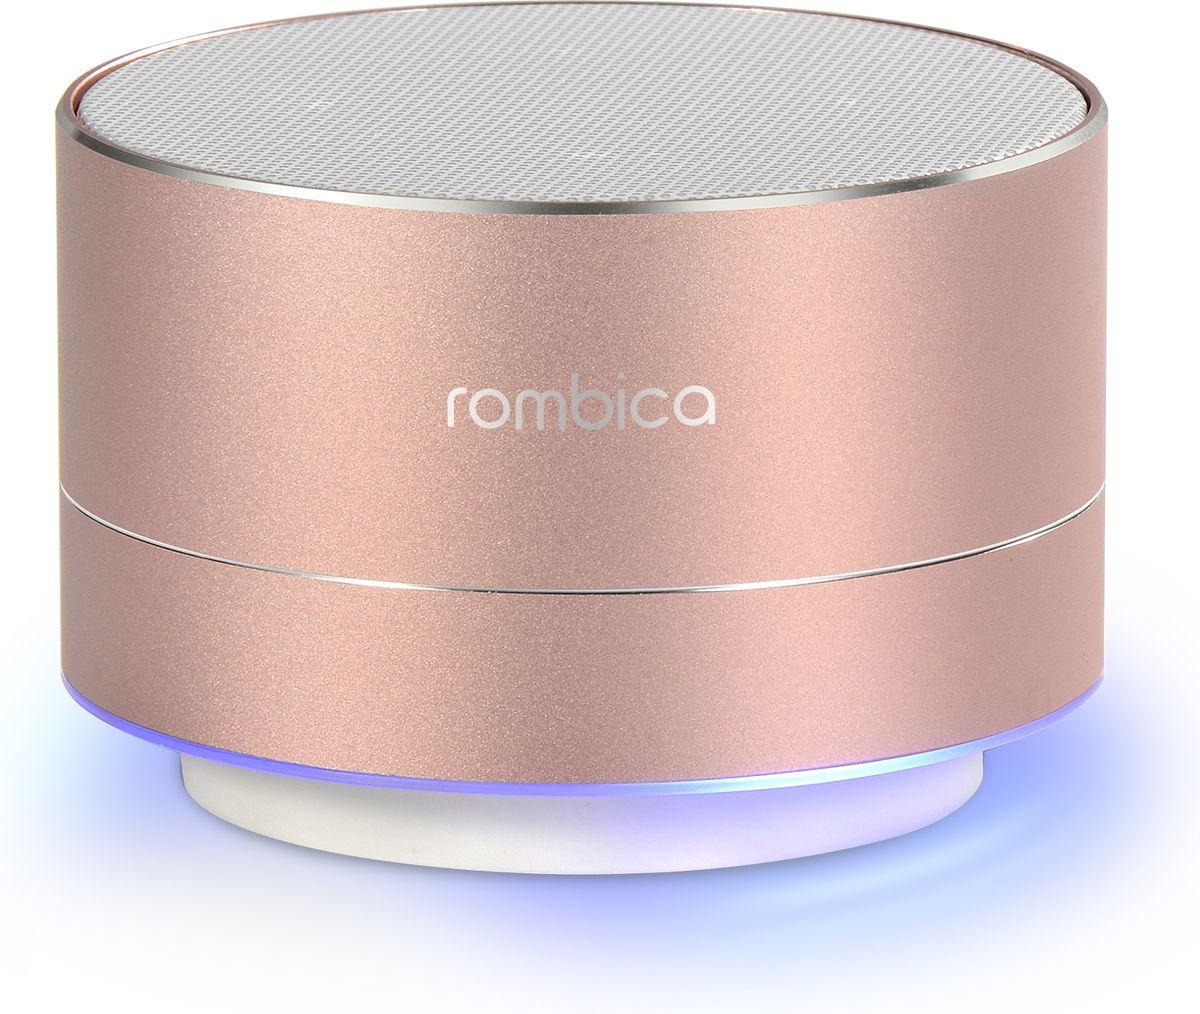 Беспроводная колонка Rombica MySound BT-03 3C, Pink rombica mysound bt 03 3c pink портативная акустическая система